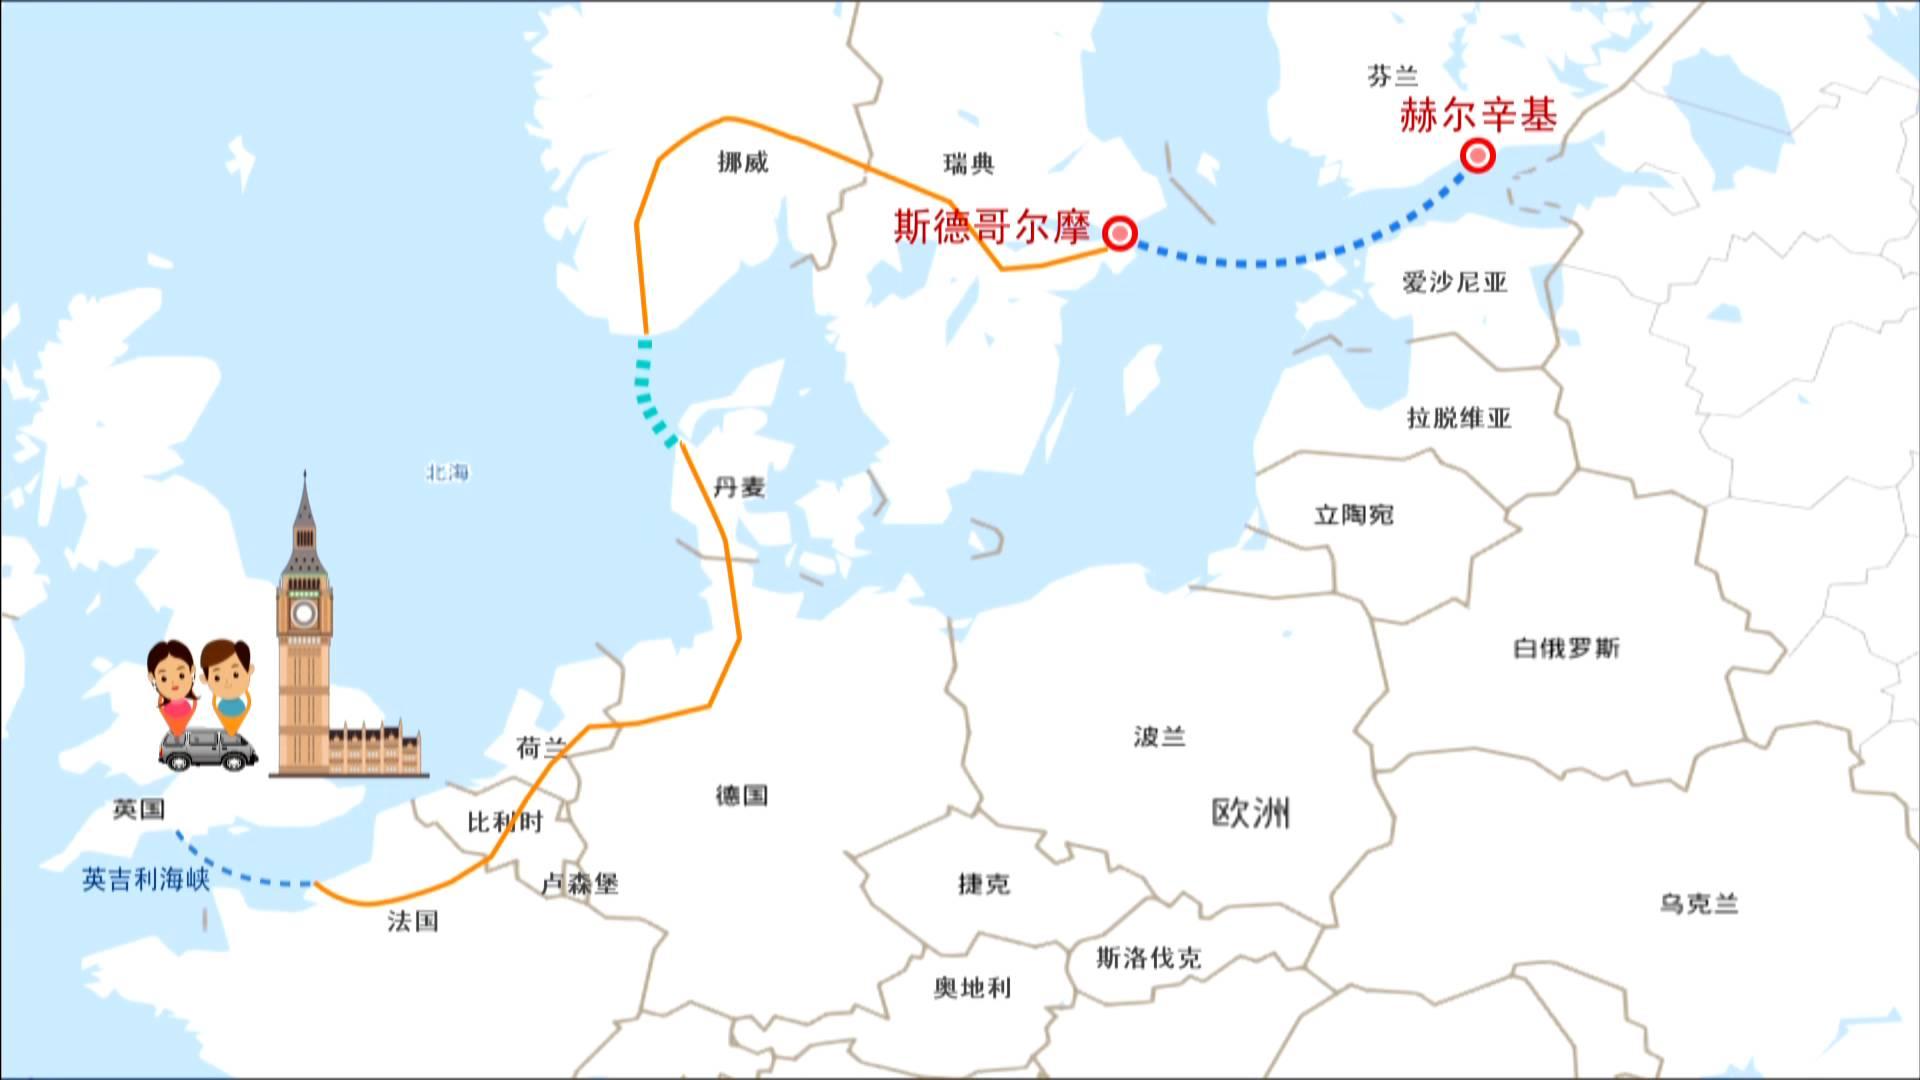 威海夫妇自驾游19个国家 历时75天行程3万公里